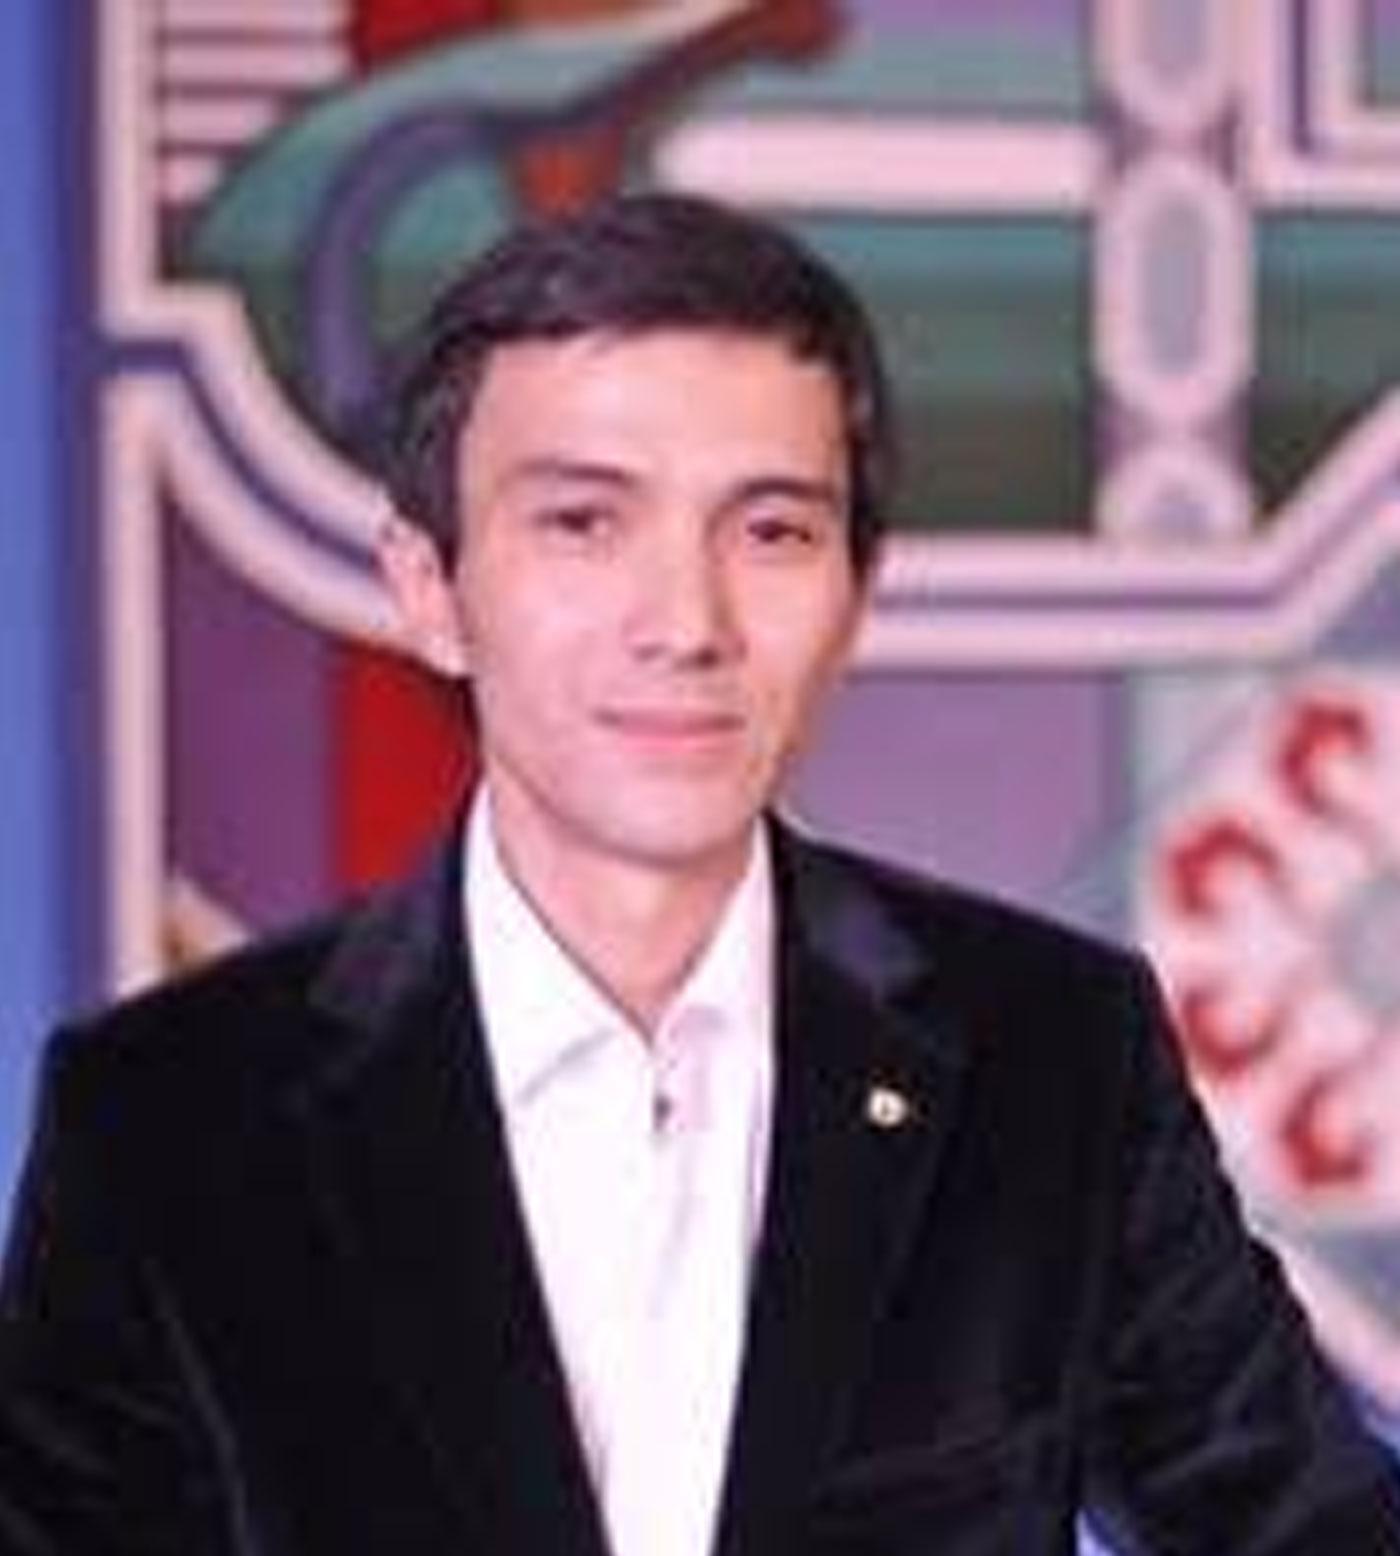 Daniyar Jumaniyazov